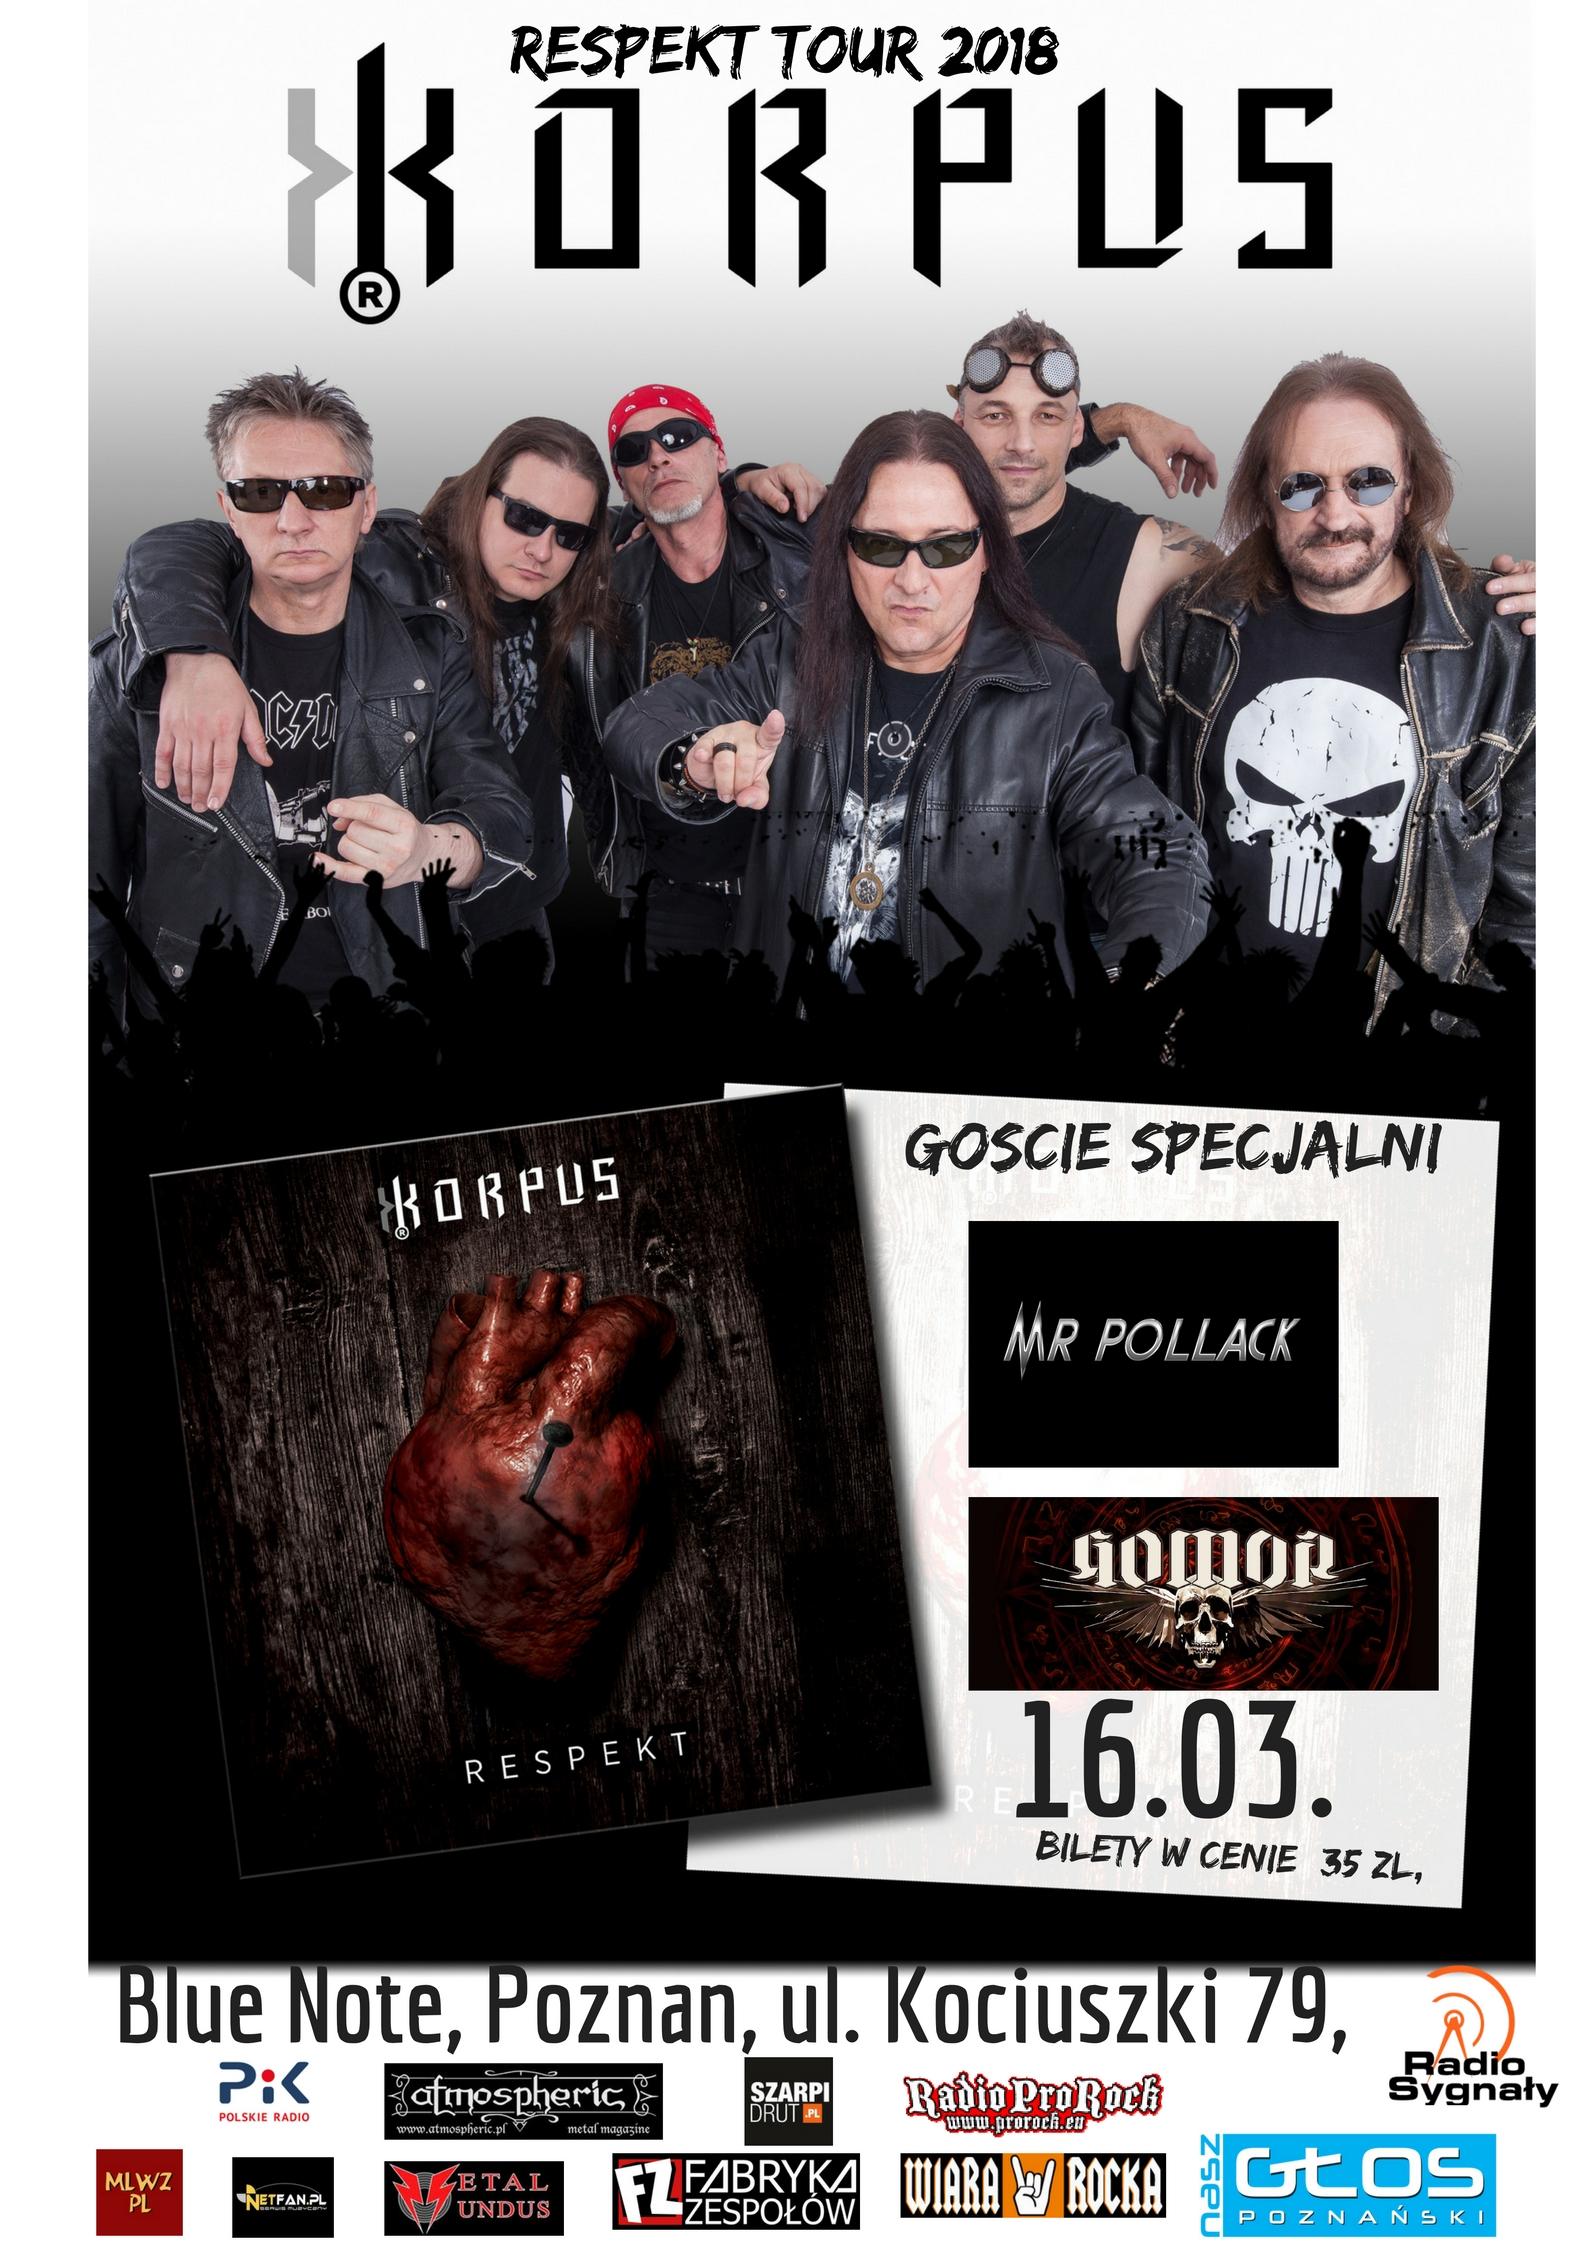 Korpus, Gomor i Mr. Pollack w Poznaniu -  Korpus Respekt Tour